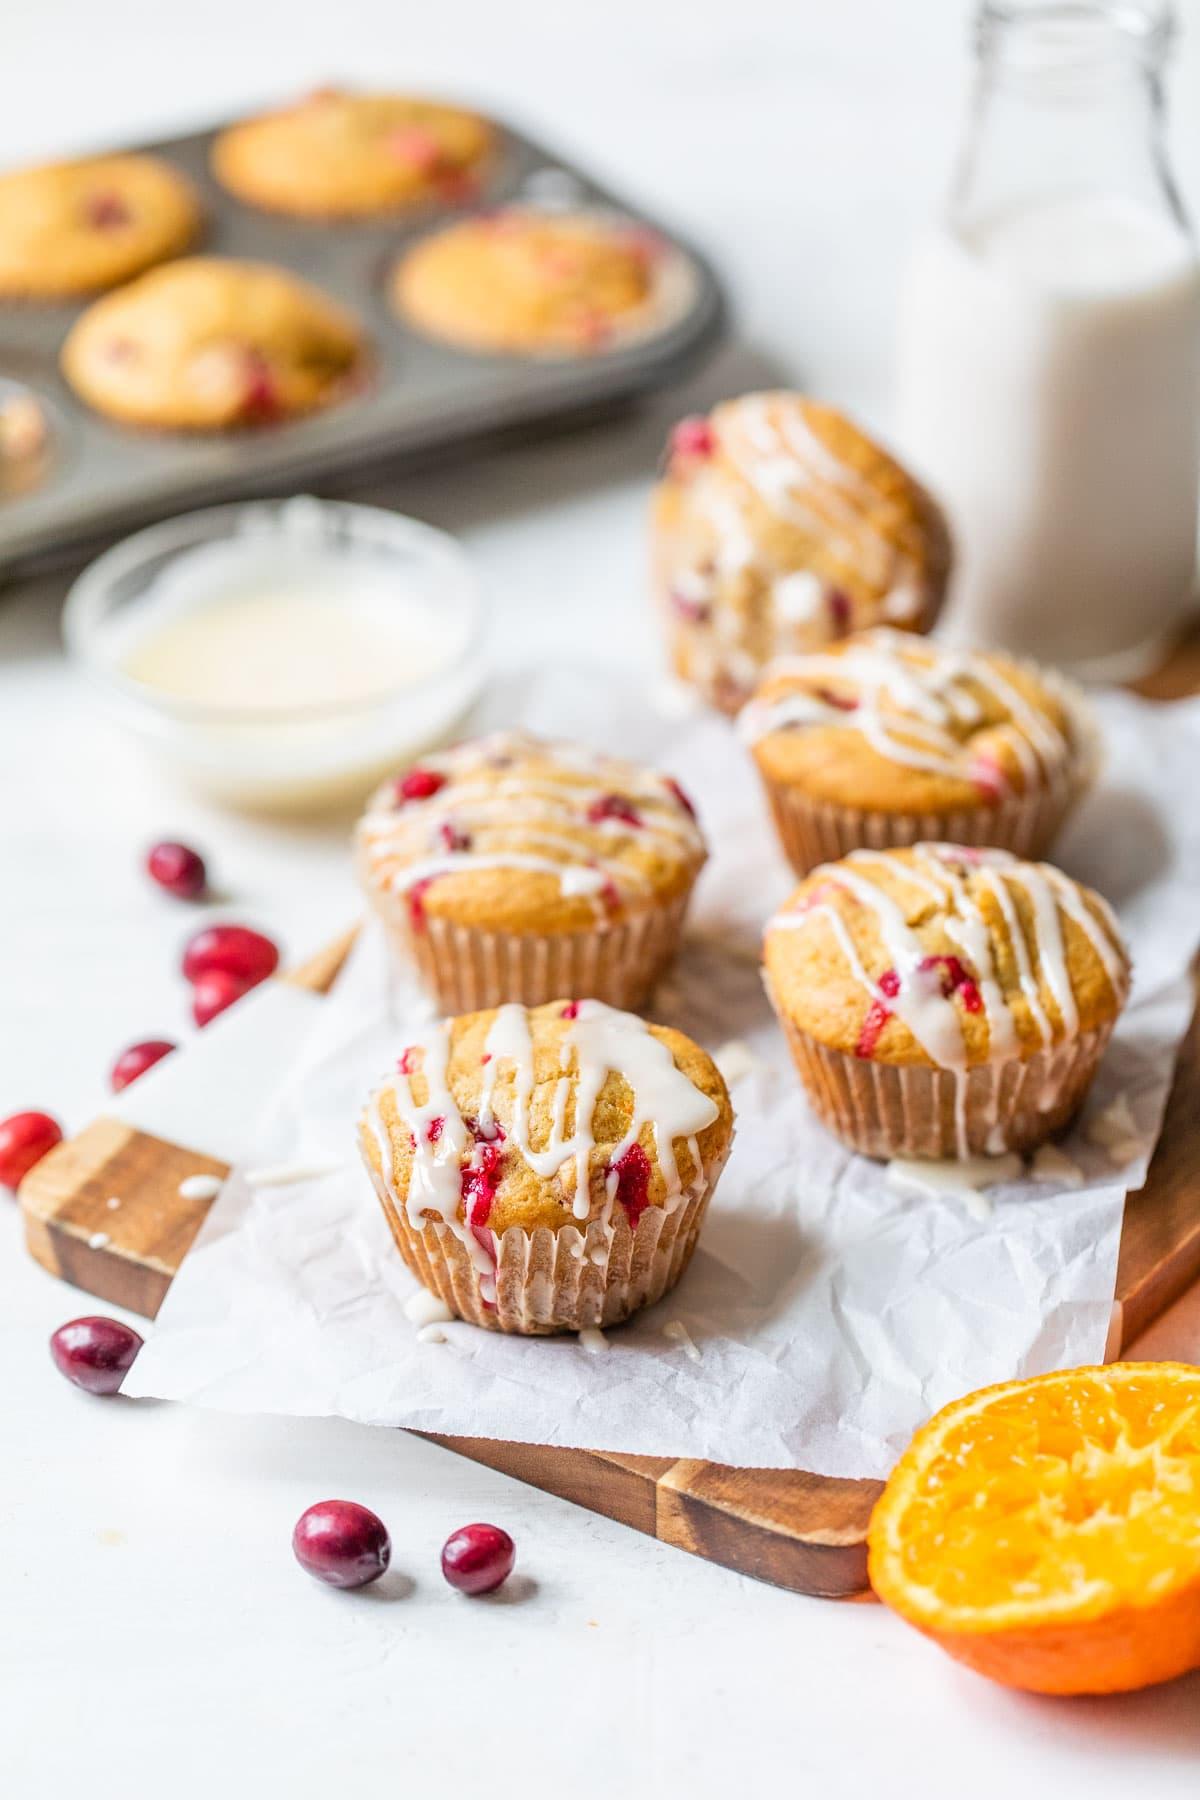 Muffins de arándanos y naranja con glaseado